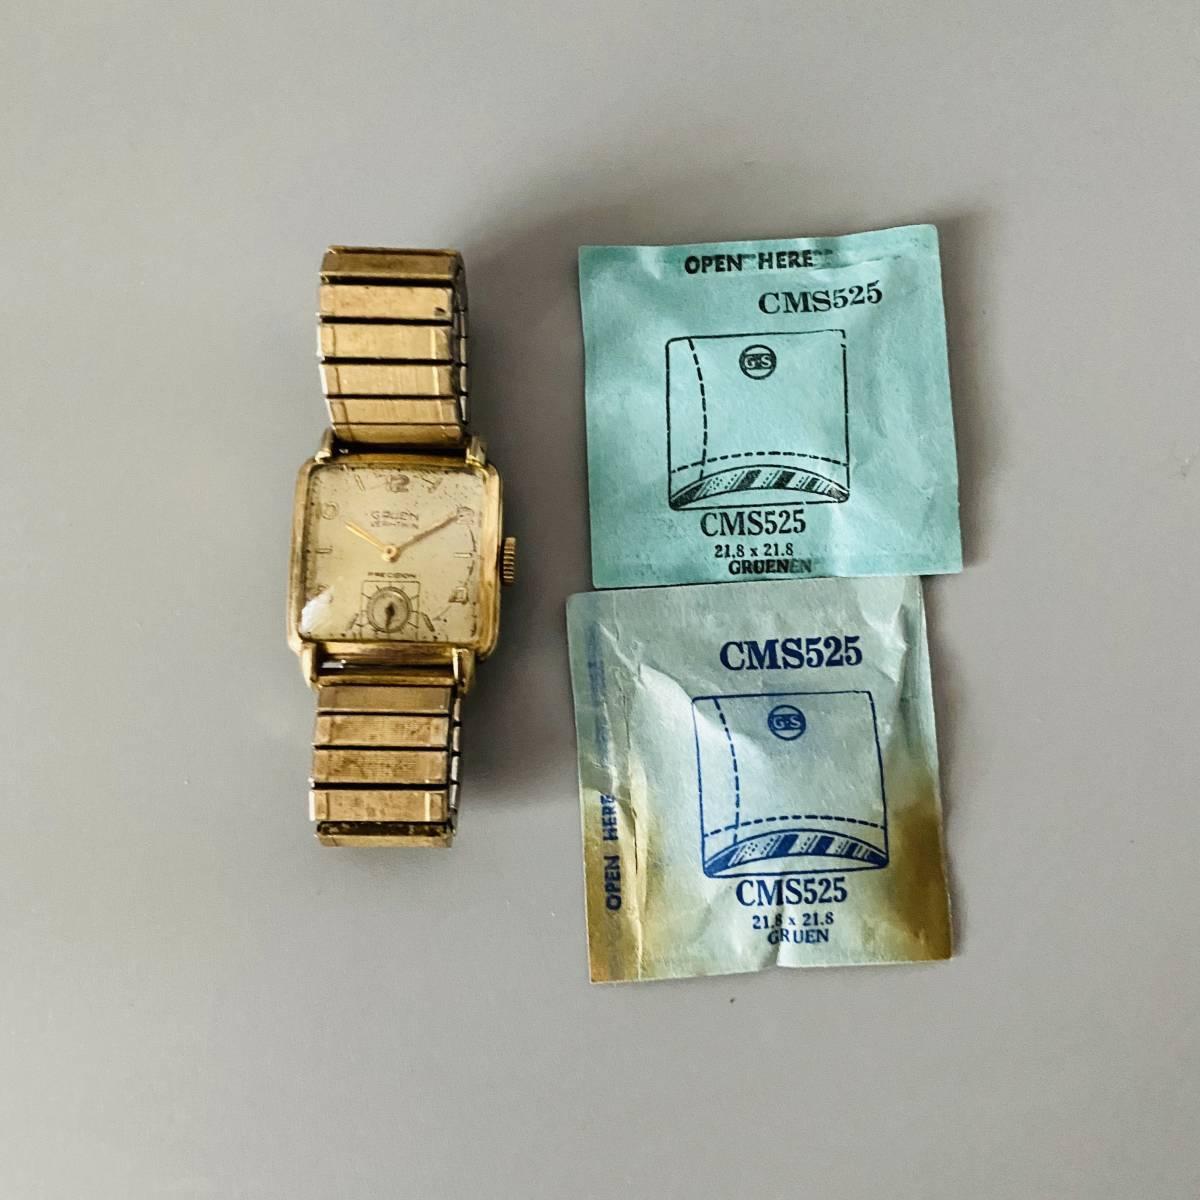 【アンティーク グリュエン】Gruen veri-thin 1940年代 スモセコ cal 425 17石 手巻き メンズ レディース ビンテージ 腕時計 スイス 訳あり_画像10